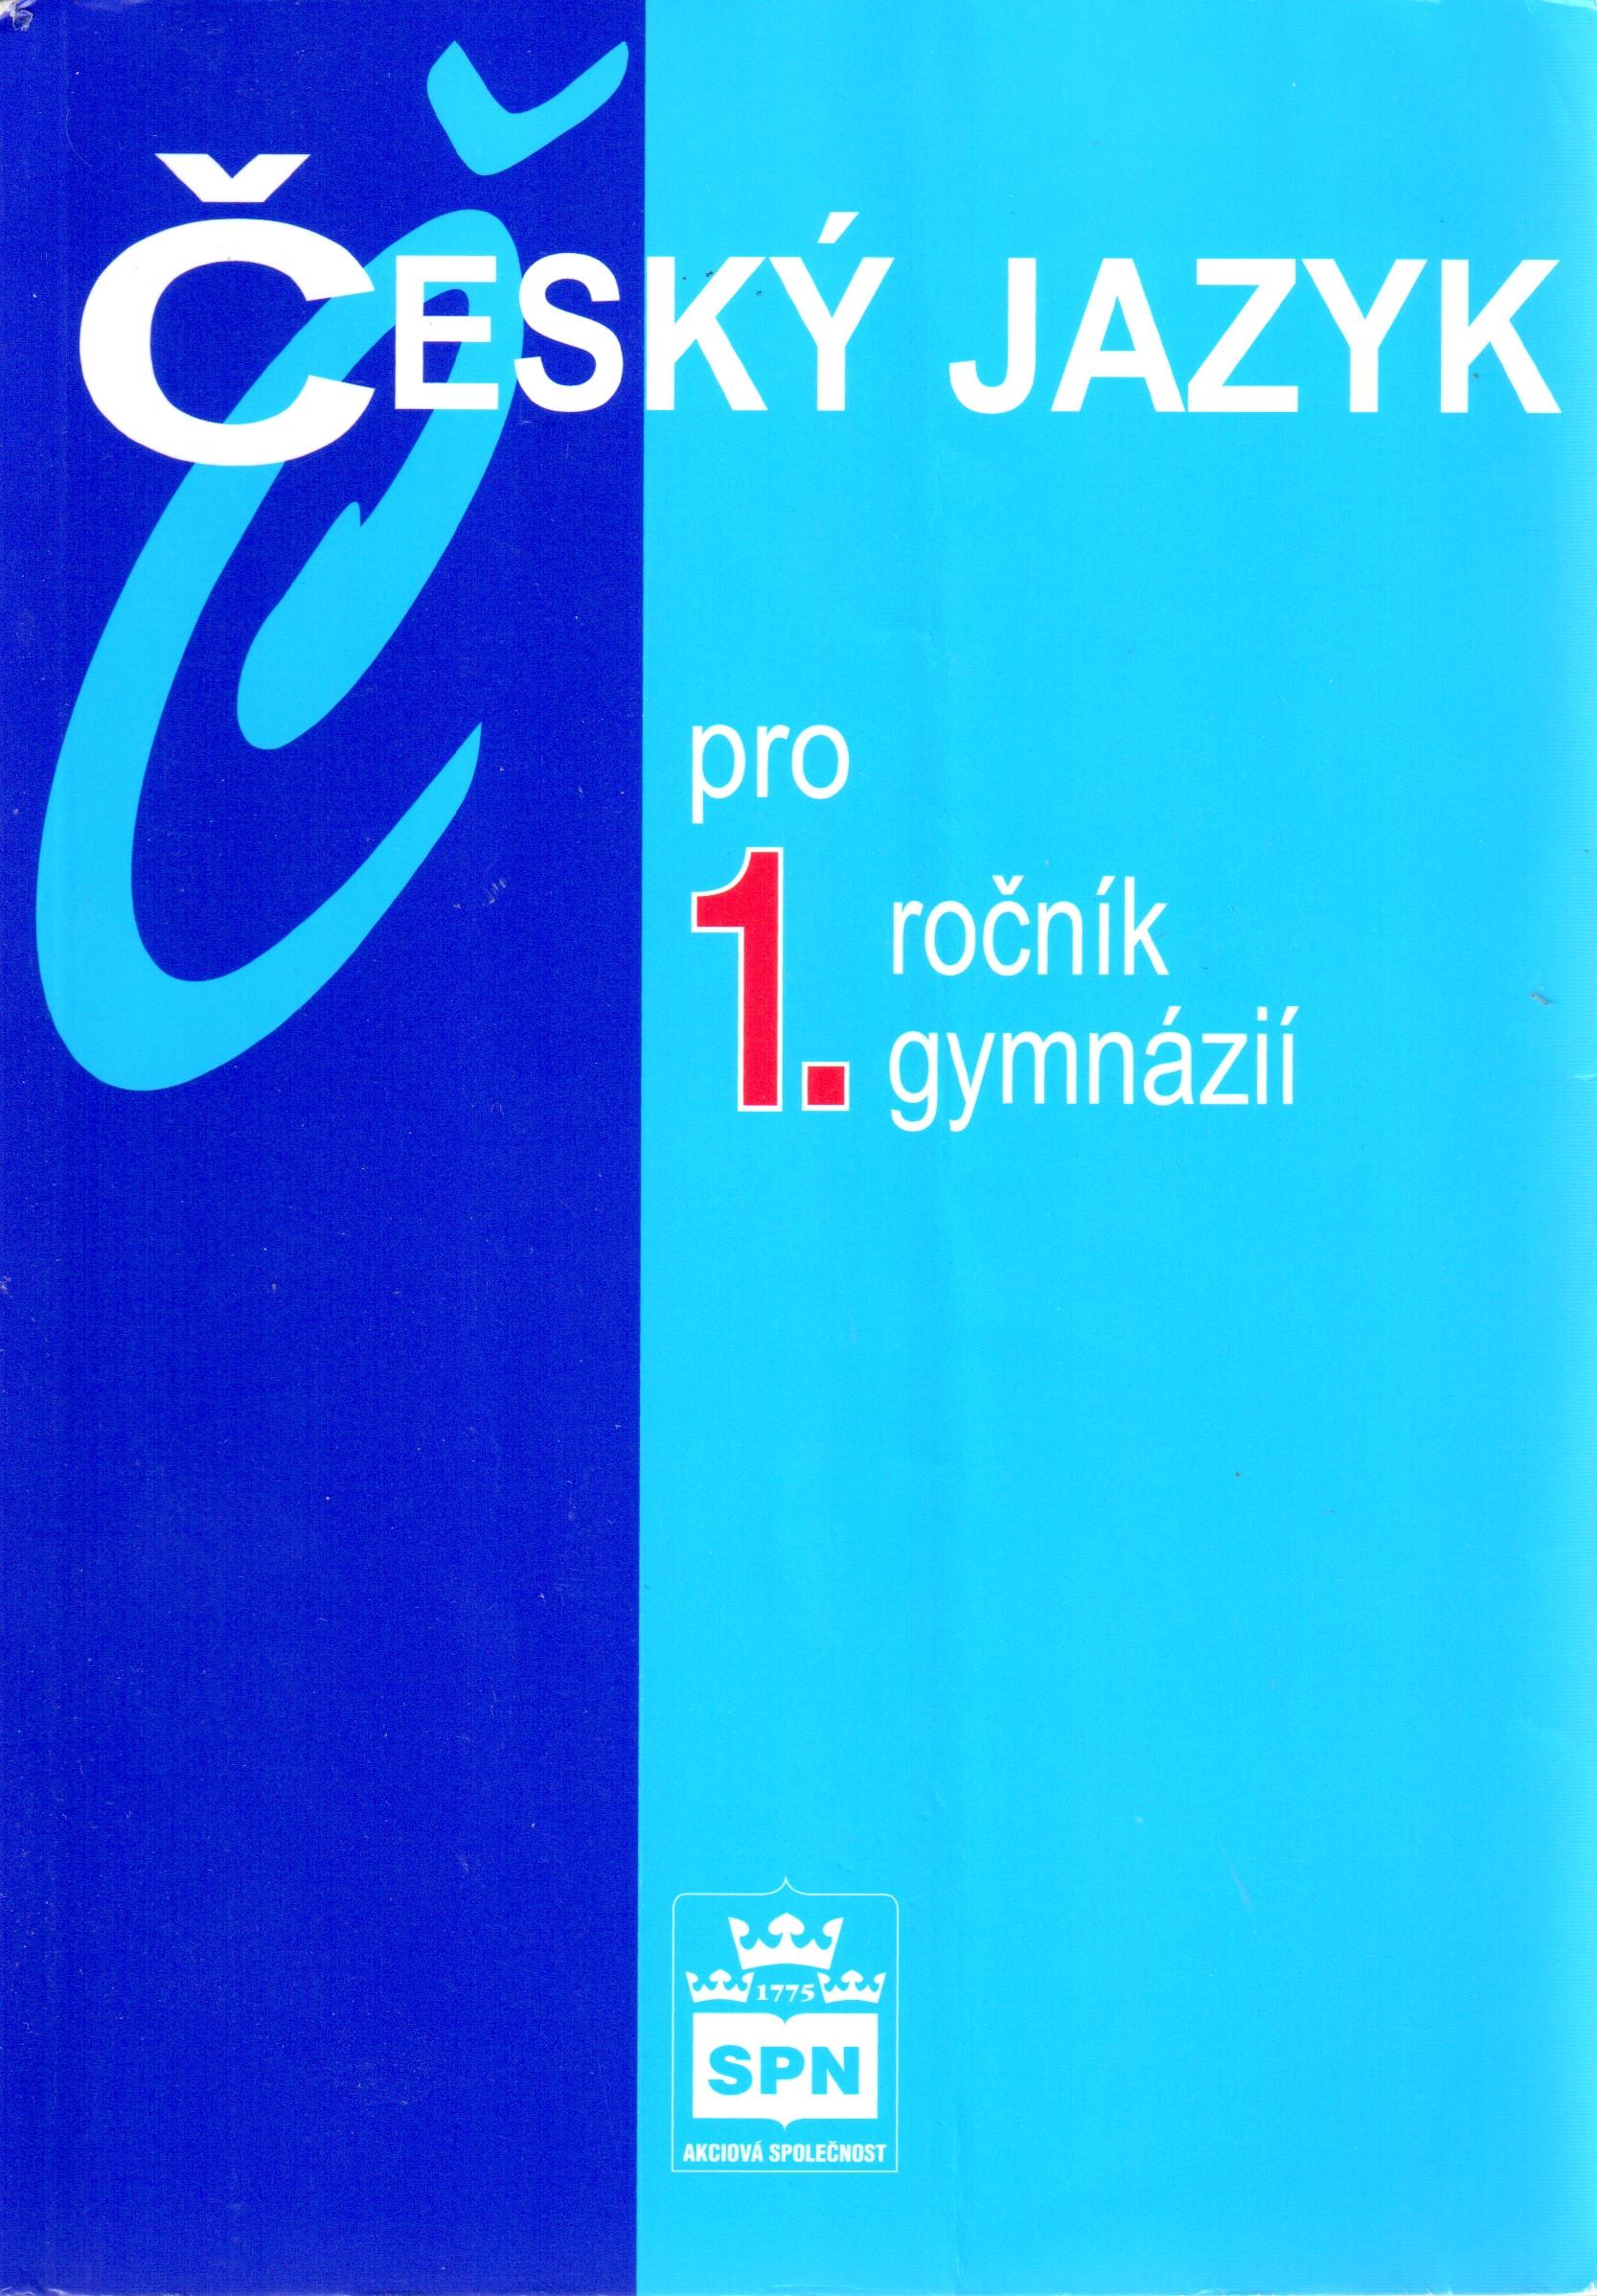 Český jazyk pro 1. ročník gymnázií - Náhled učebnice